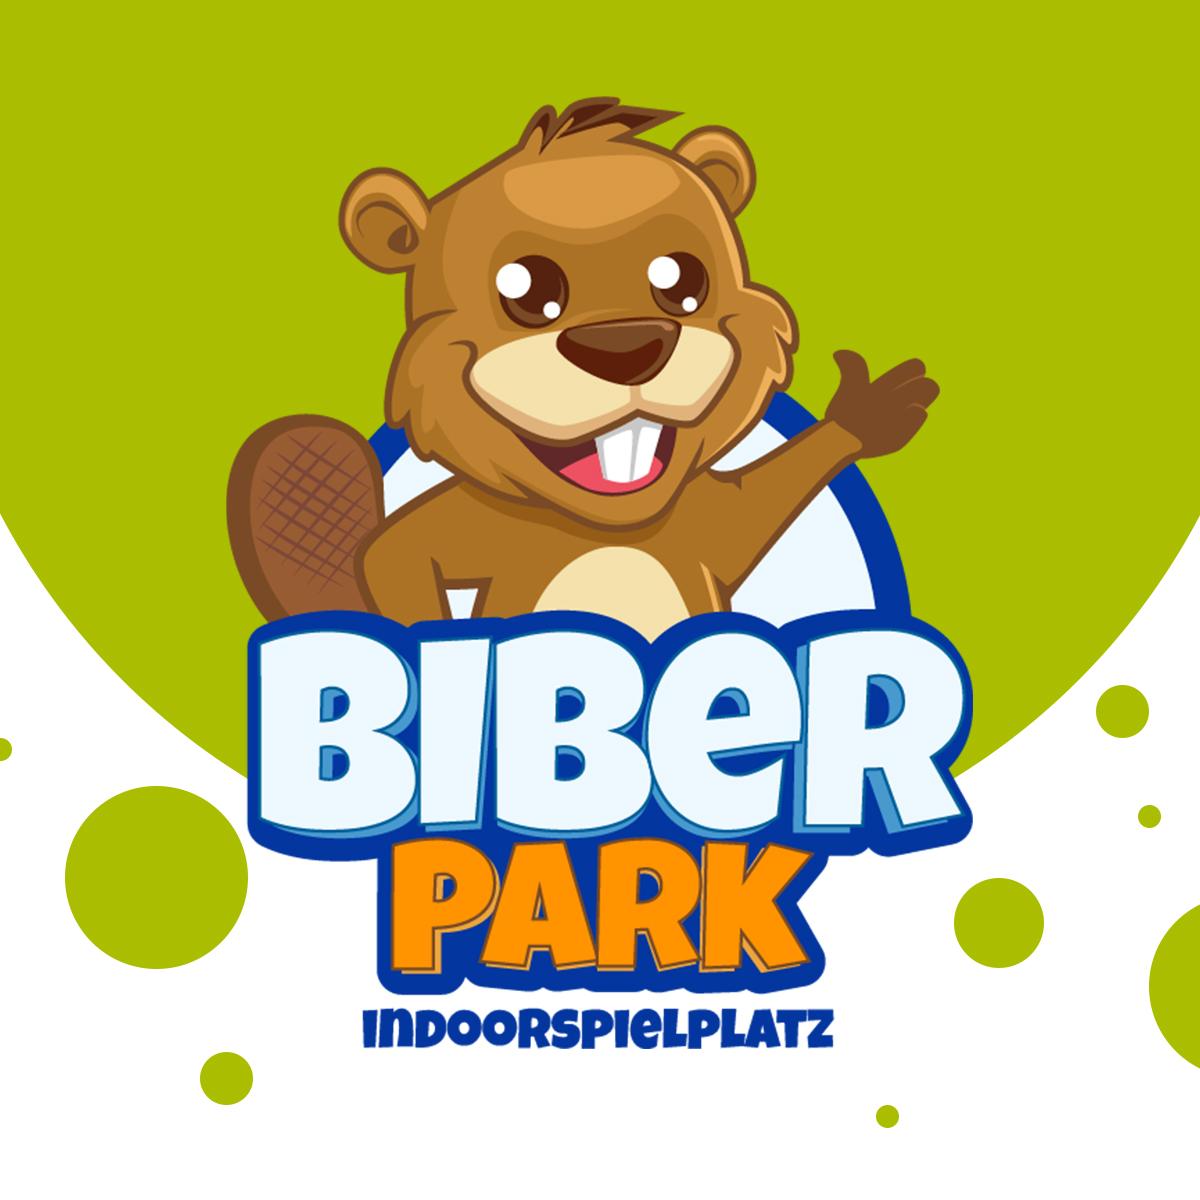 BiberPark